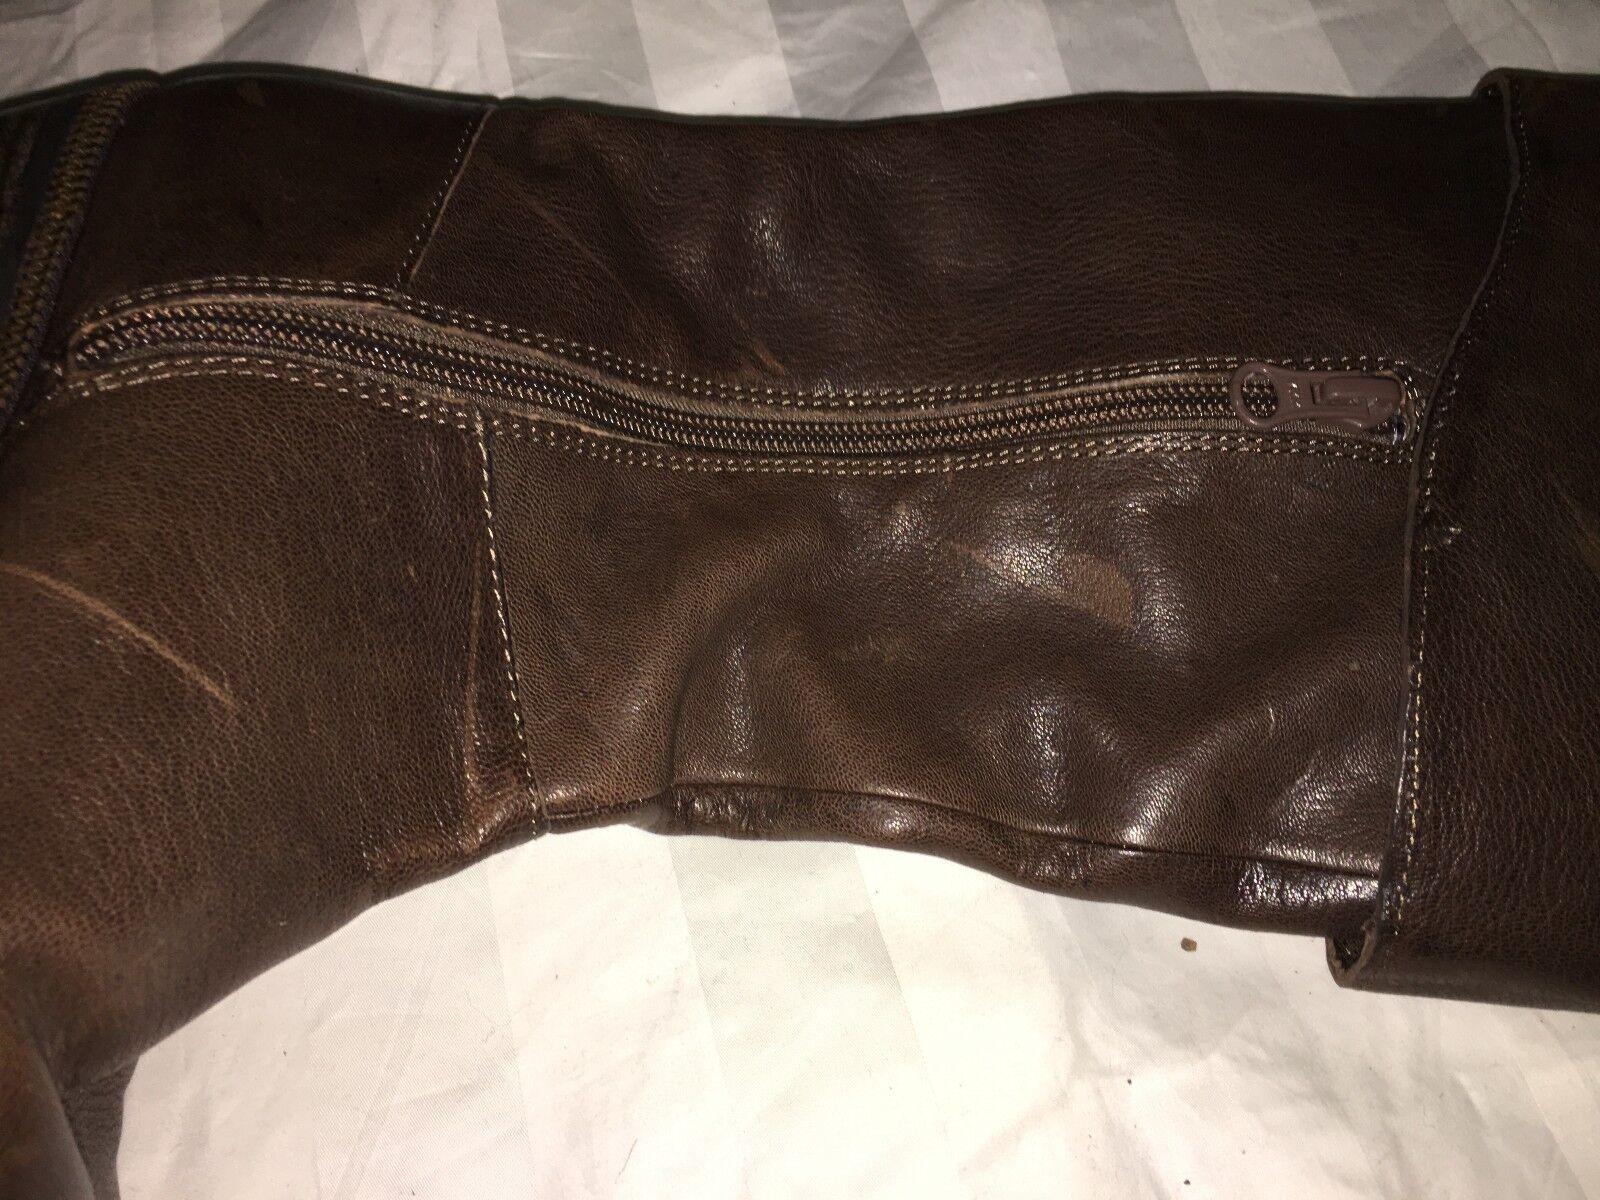 Calvin Klein Jeans Padora Braun Damens Boot Winter Comfort Schuhe Größe 6.5 R7470